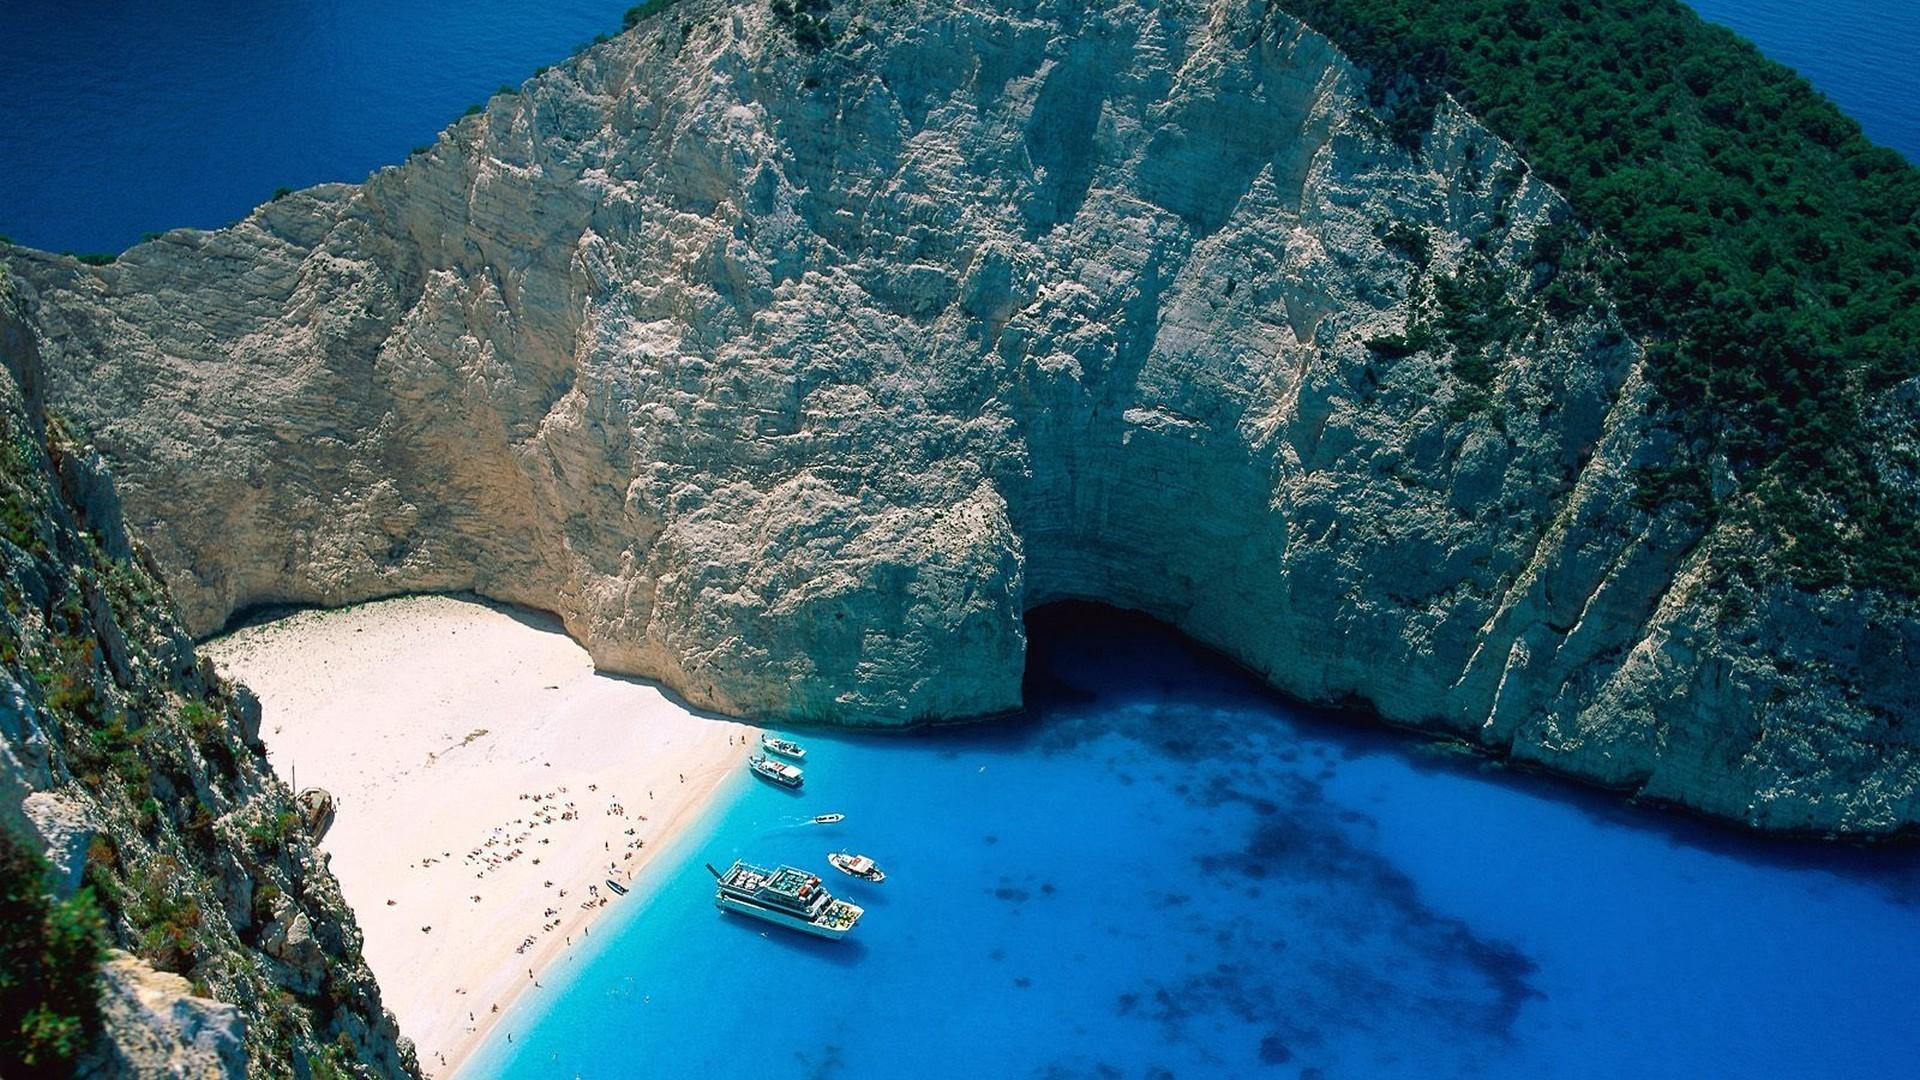 Greece zakynthos islands ships wallpaper 1499 1920x1080